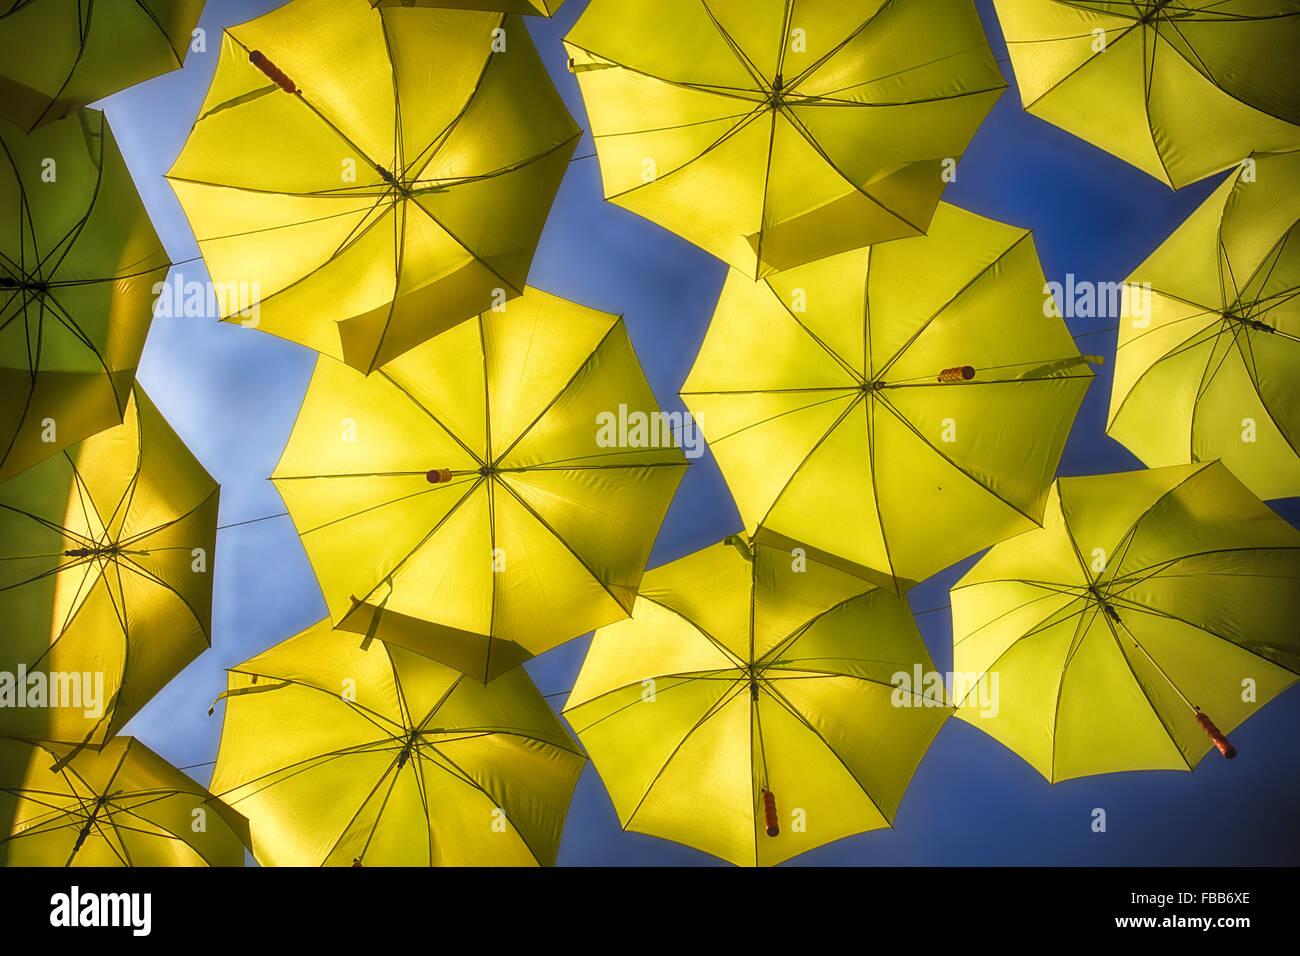 Niedrigen Winkel Ansicht der offenen gelben Schirme in der Luft schweben Stockbild